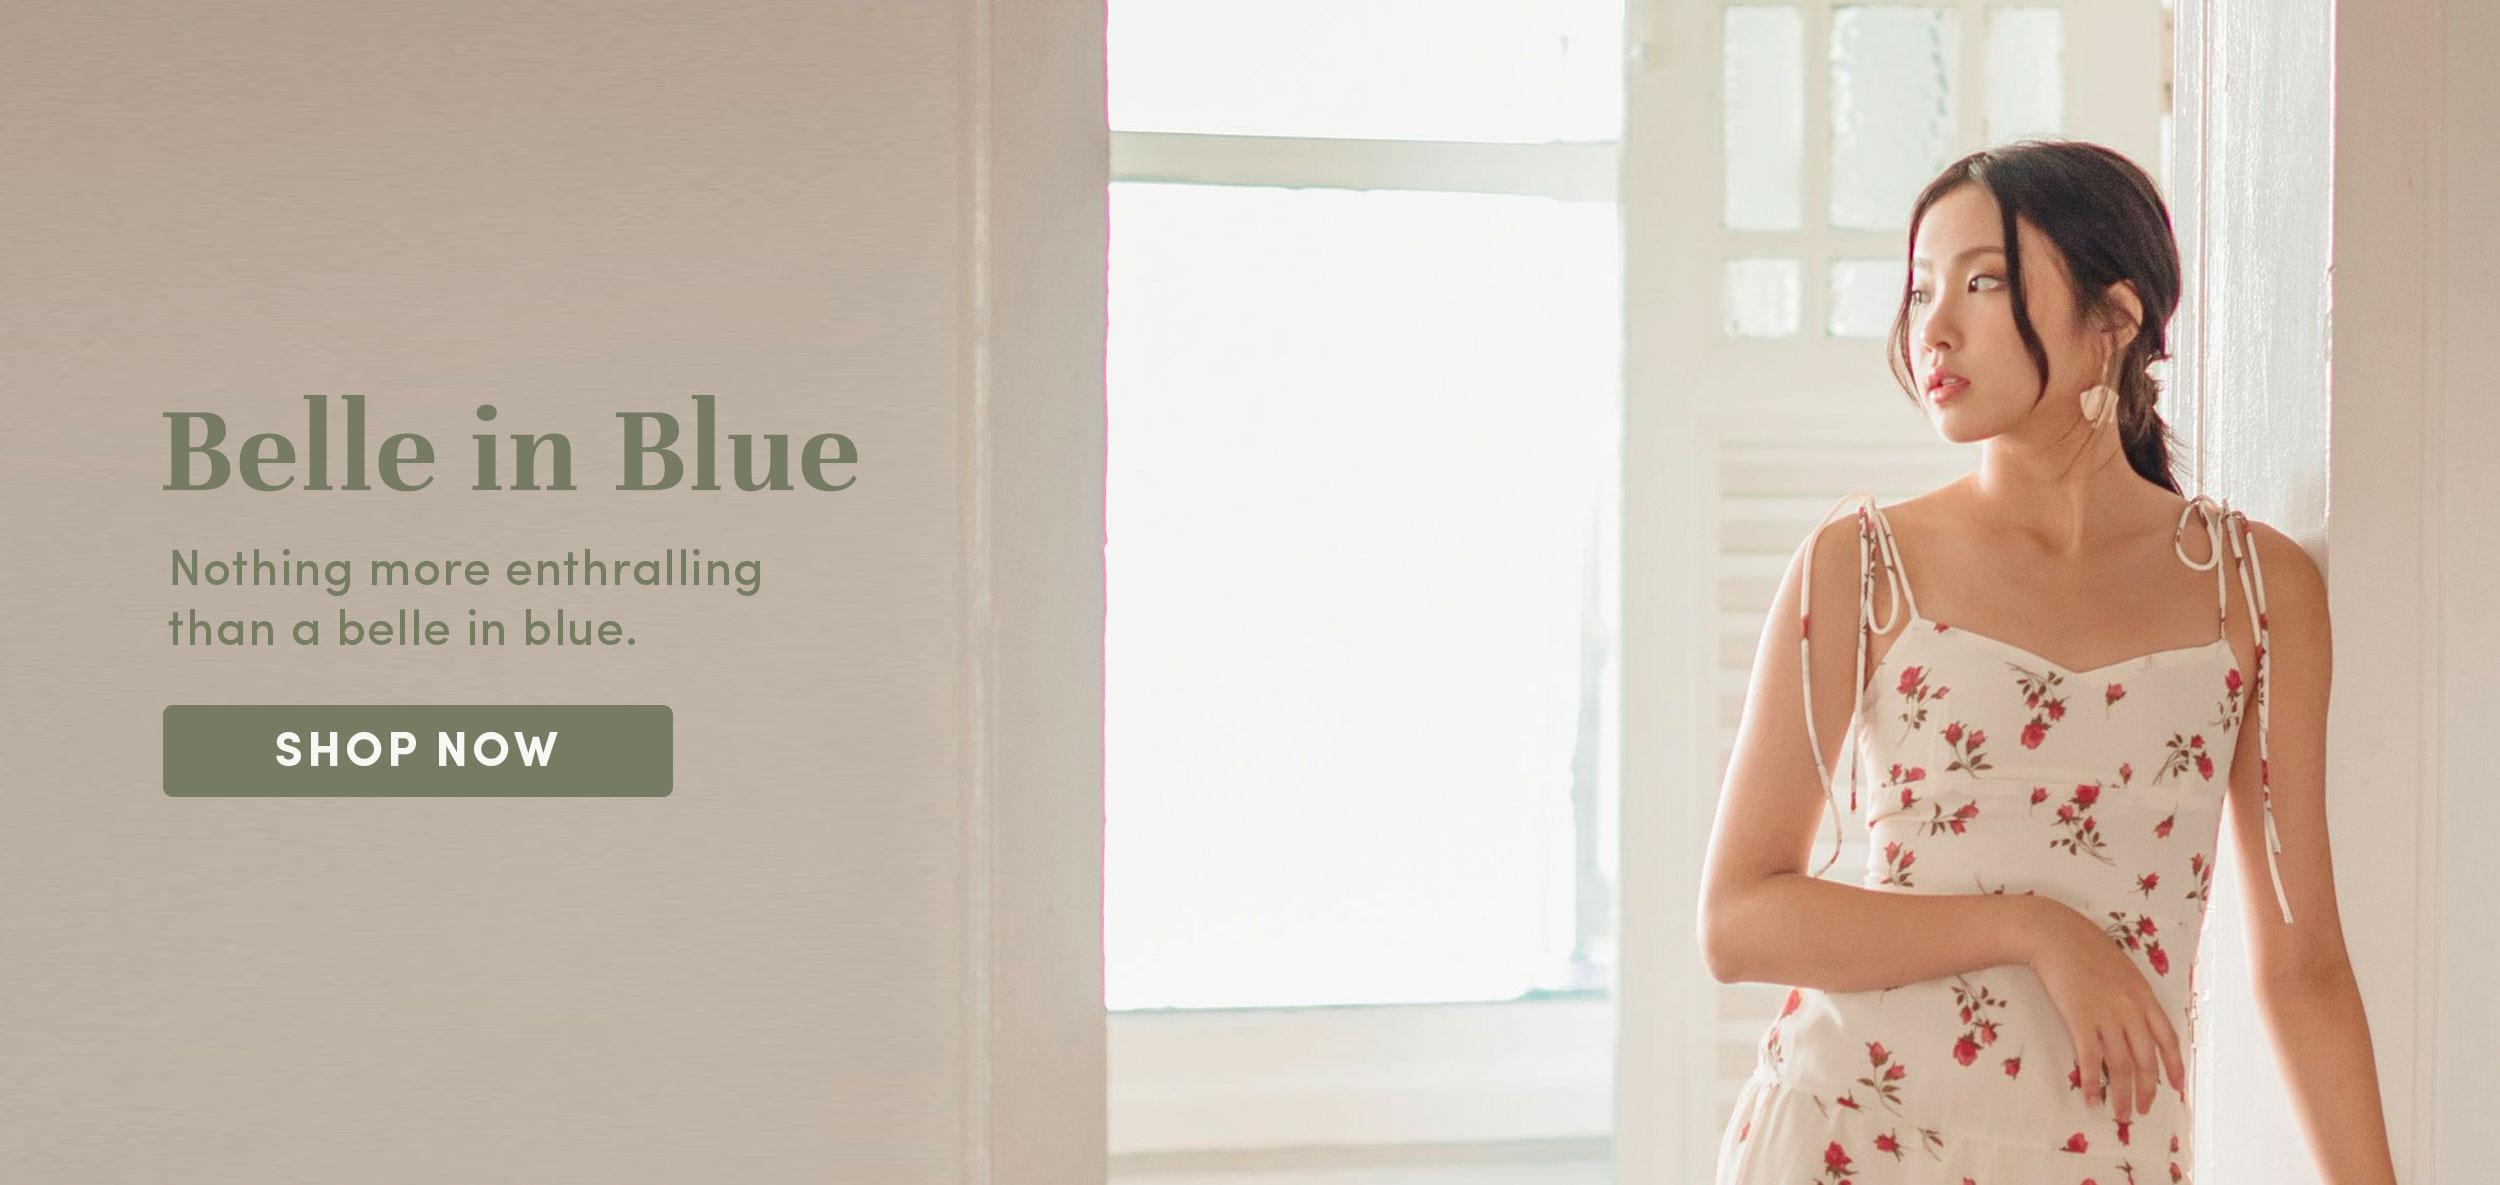 Belle in Blue